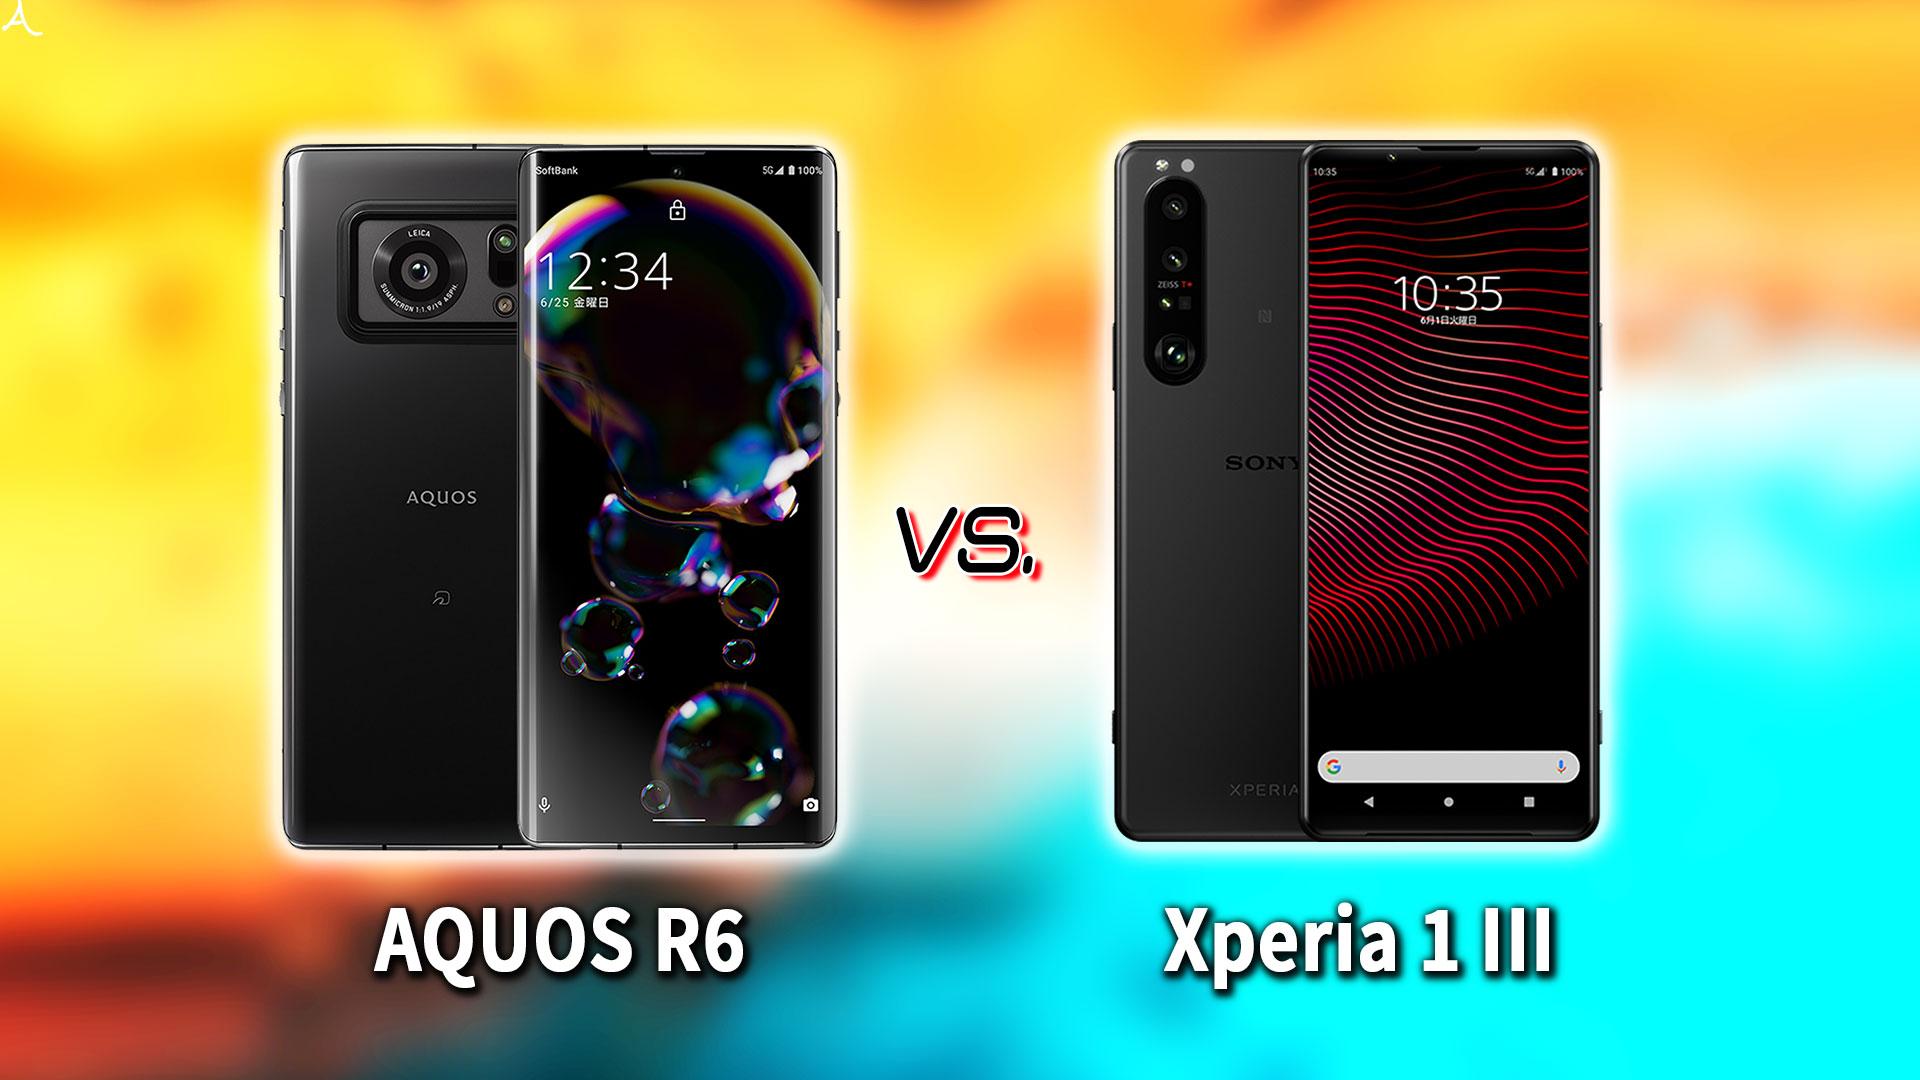 「AQUOS R6」と「Xperia 1 III」の違いを比較:どっちを買う?